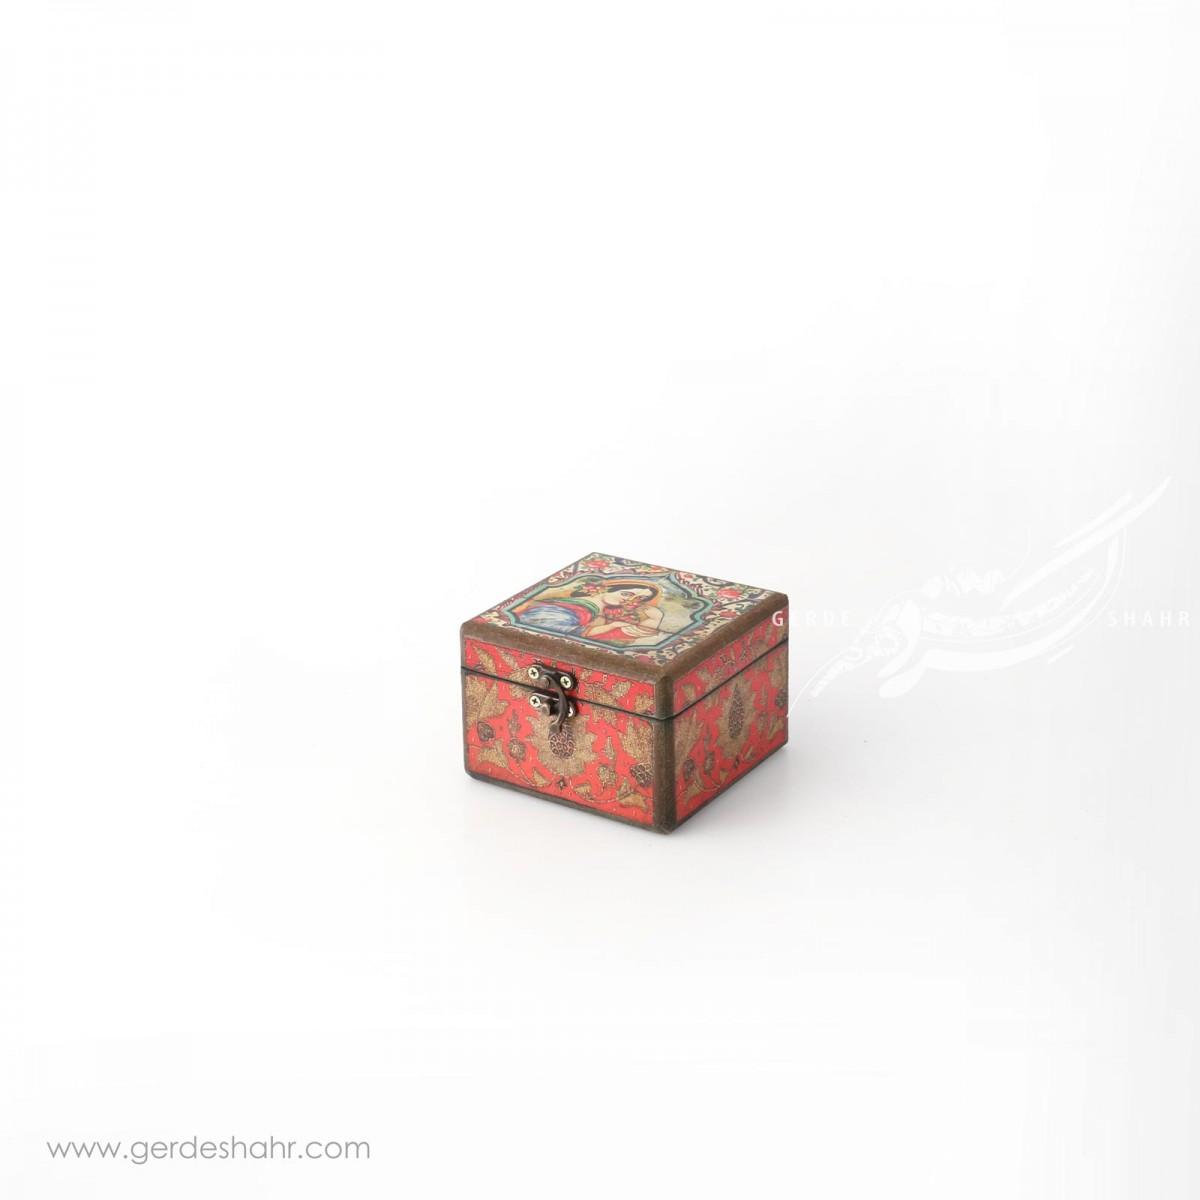 جعبه چوبی خاتون سایز 10 هفتگان جعبه و صندوقچه